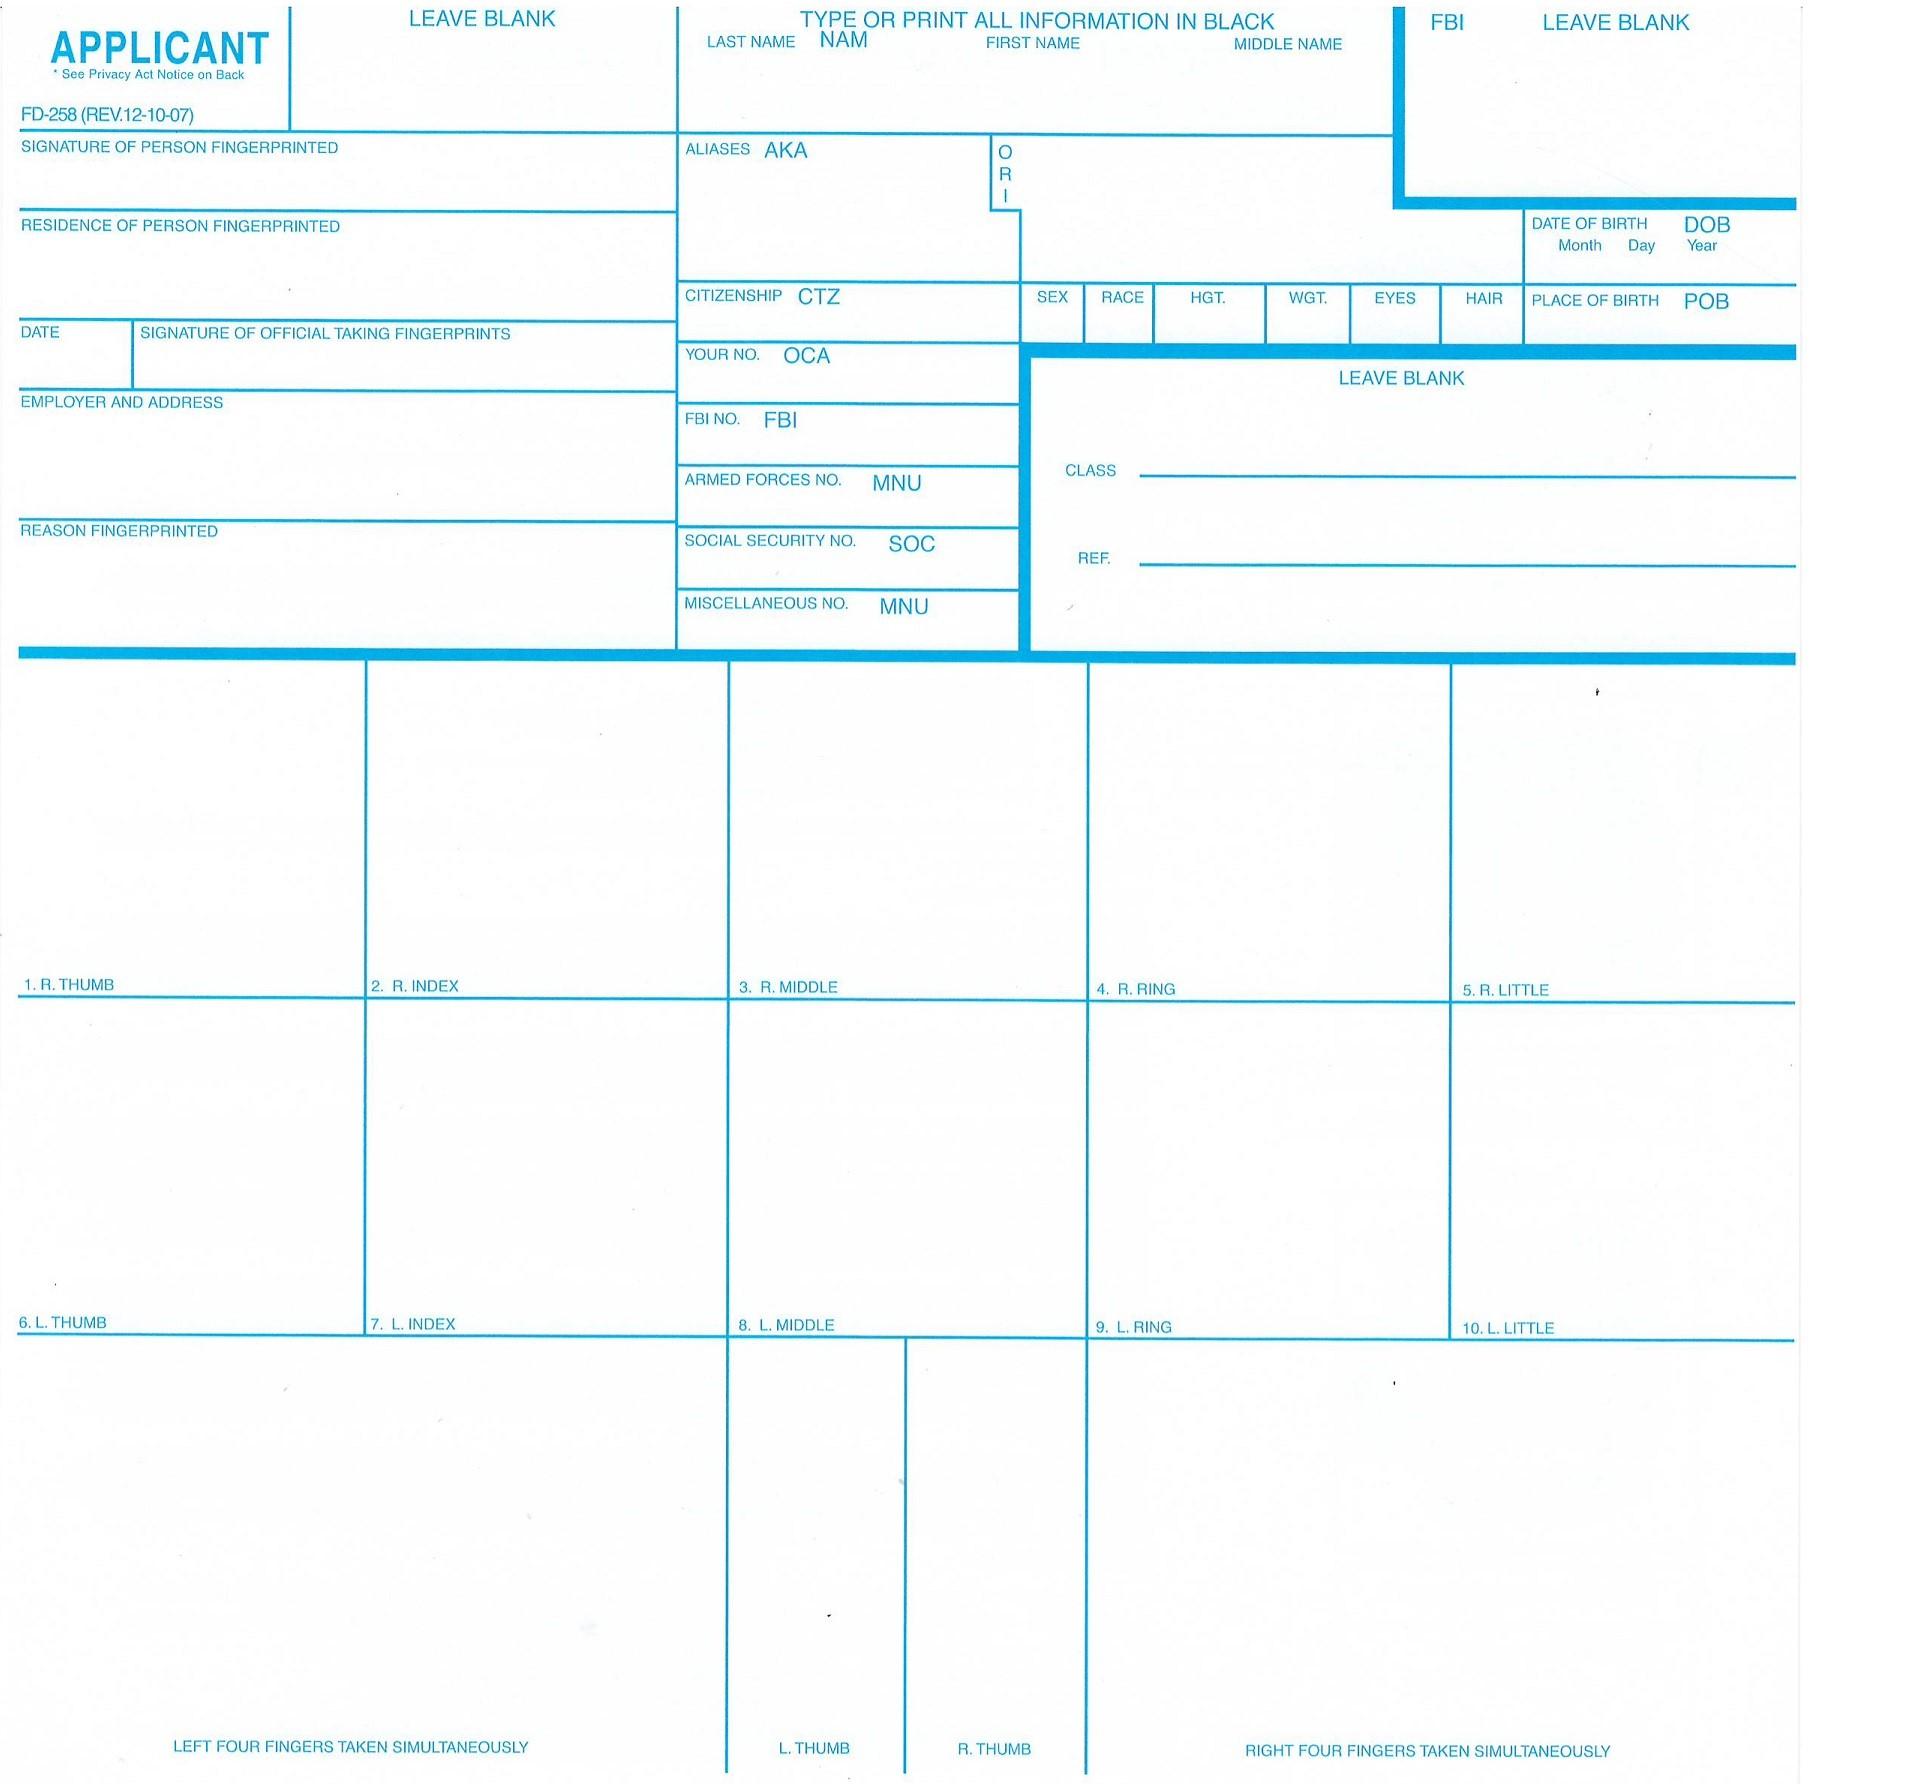 Fingerprint Cards – FBI Form FD-258, 3 Pack - LIVESCAN Fingerprinting